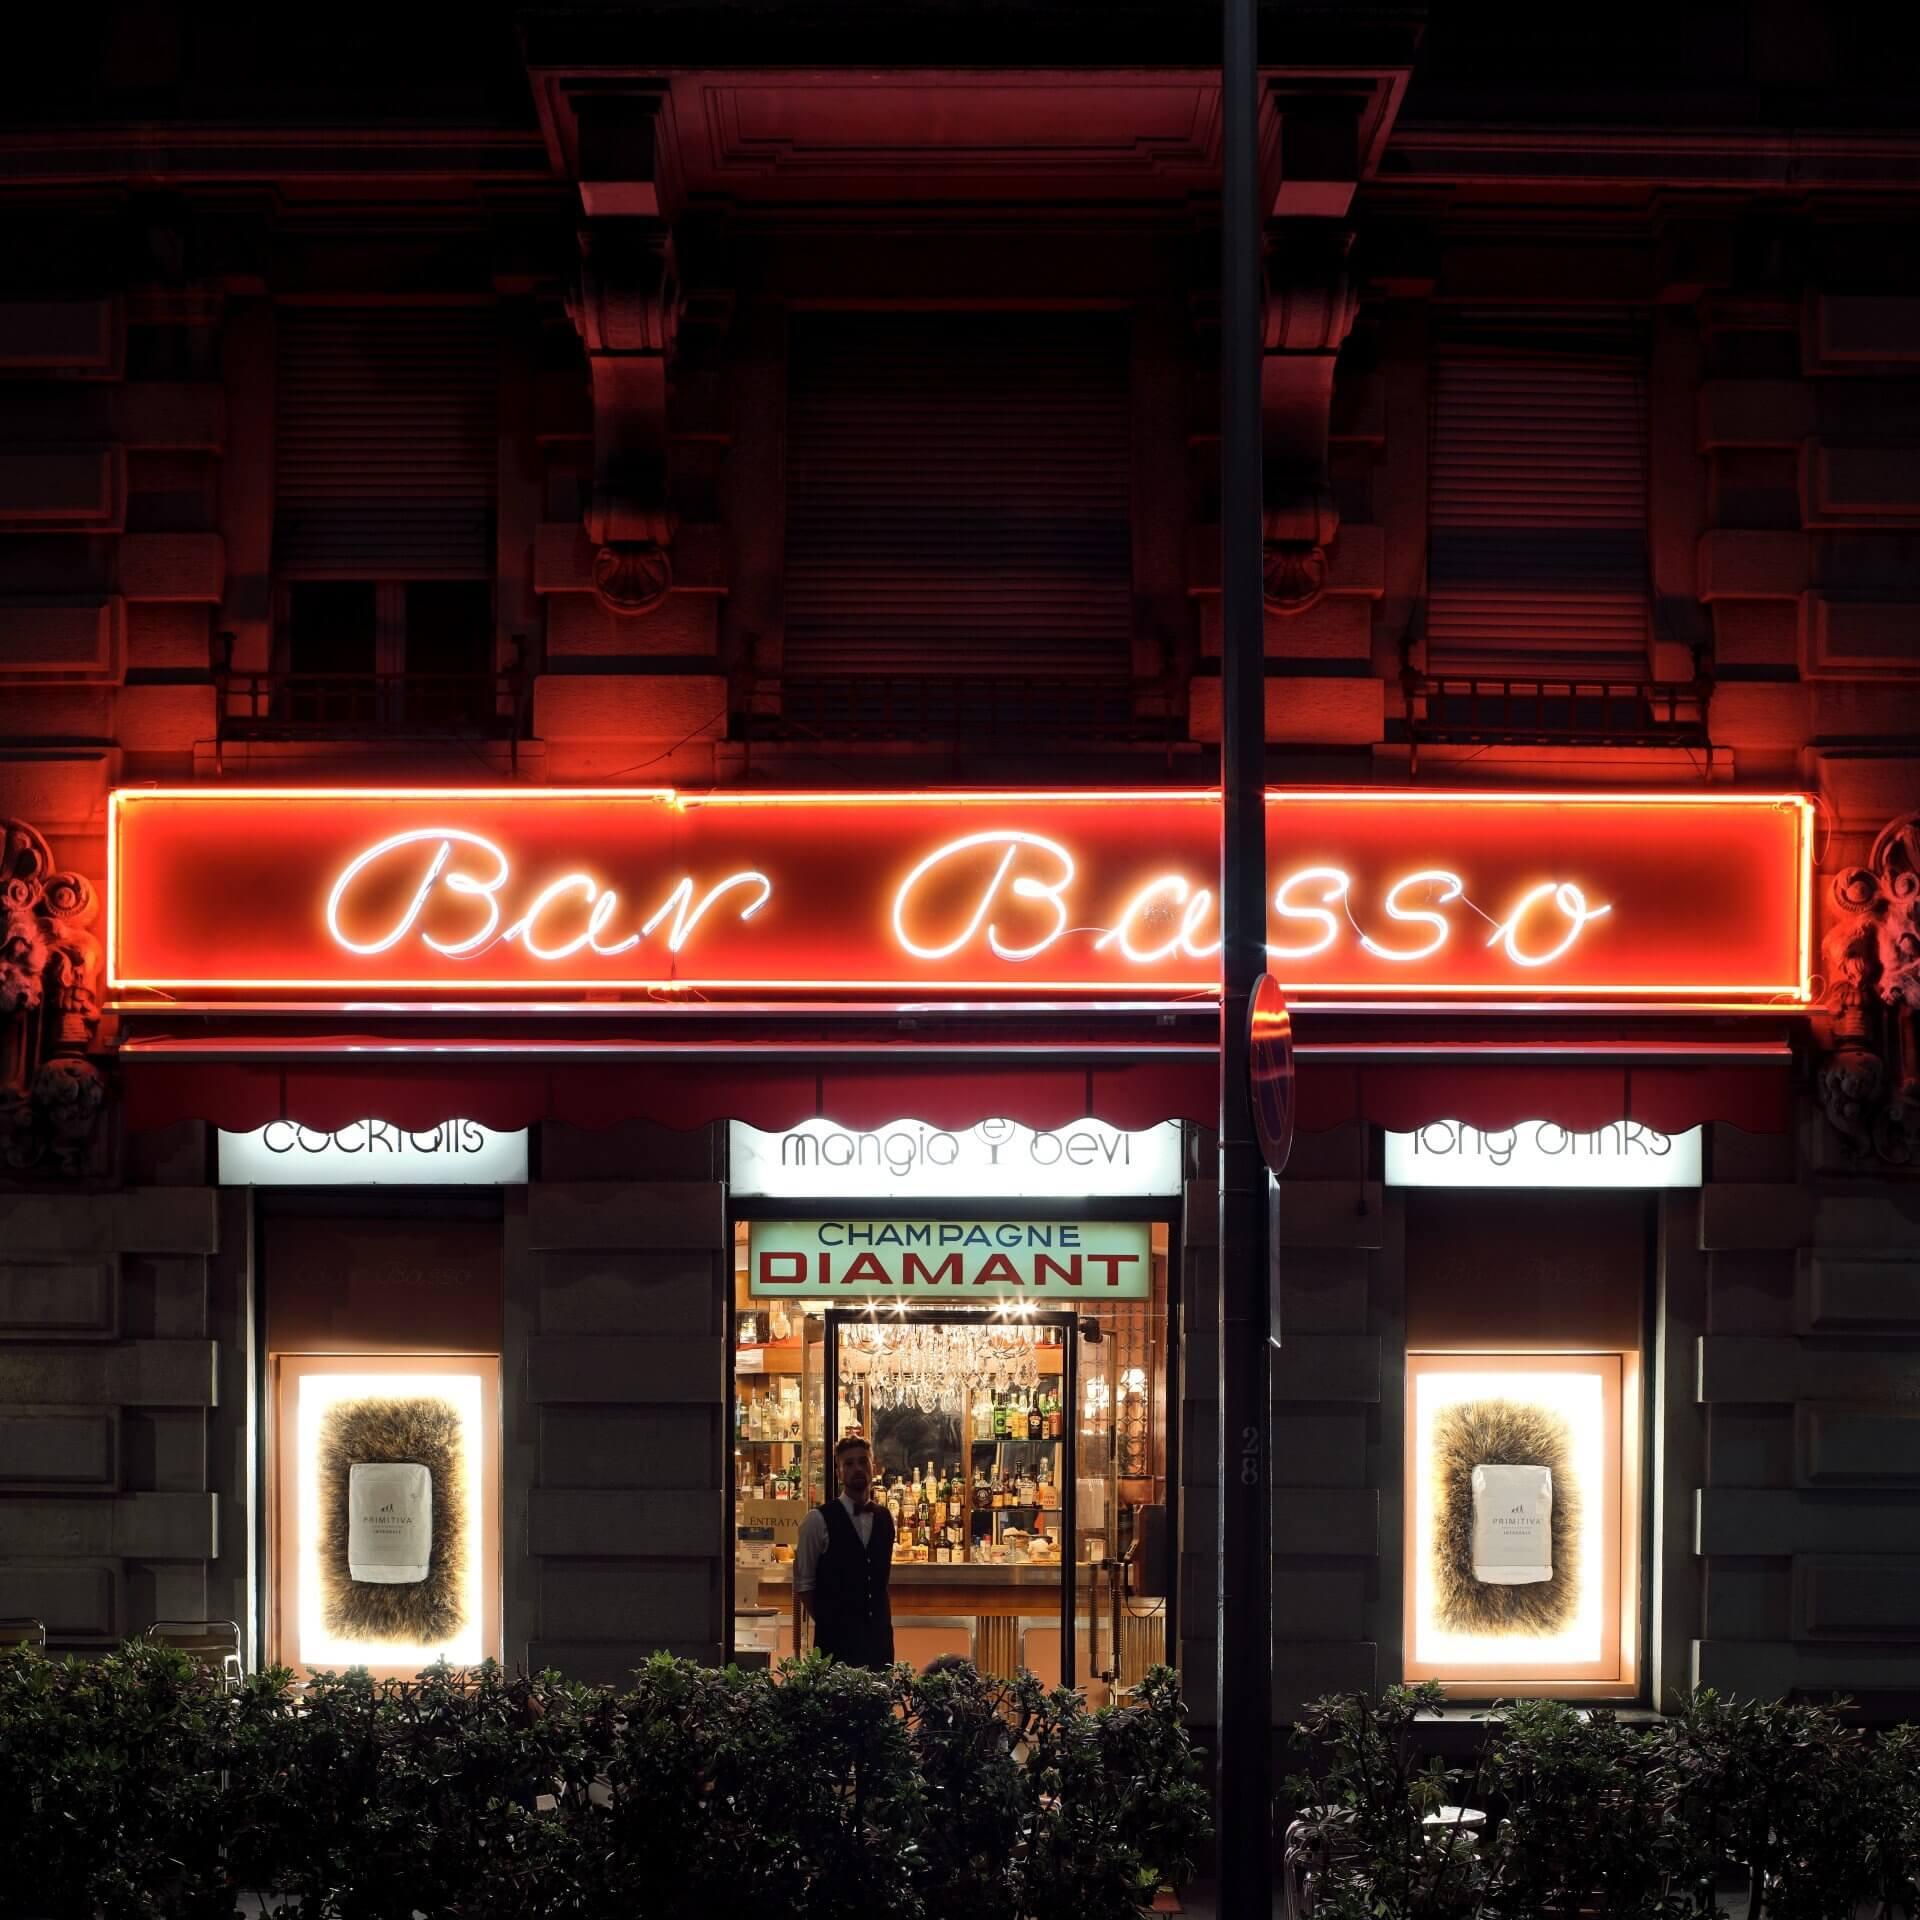 Molino Pasini bar Basso 01 BAR BASSO